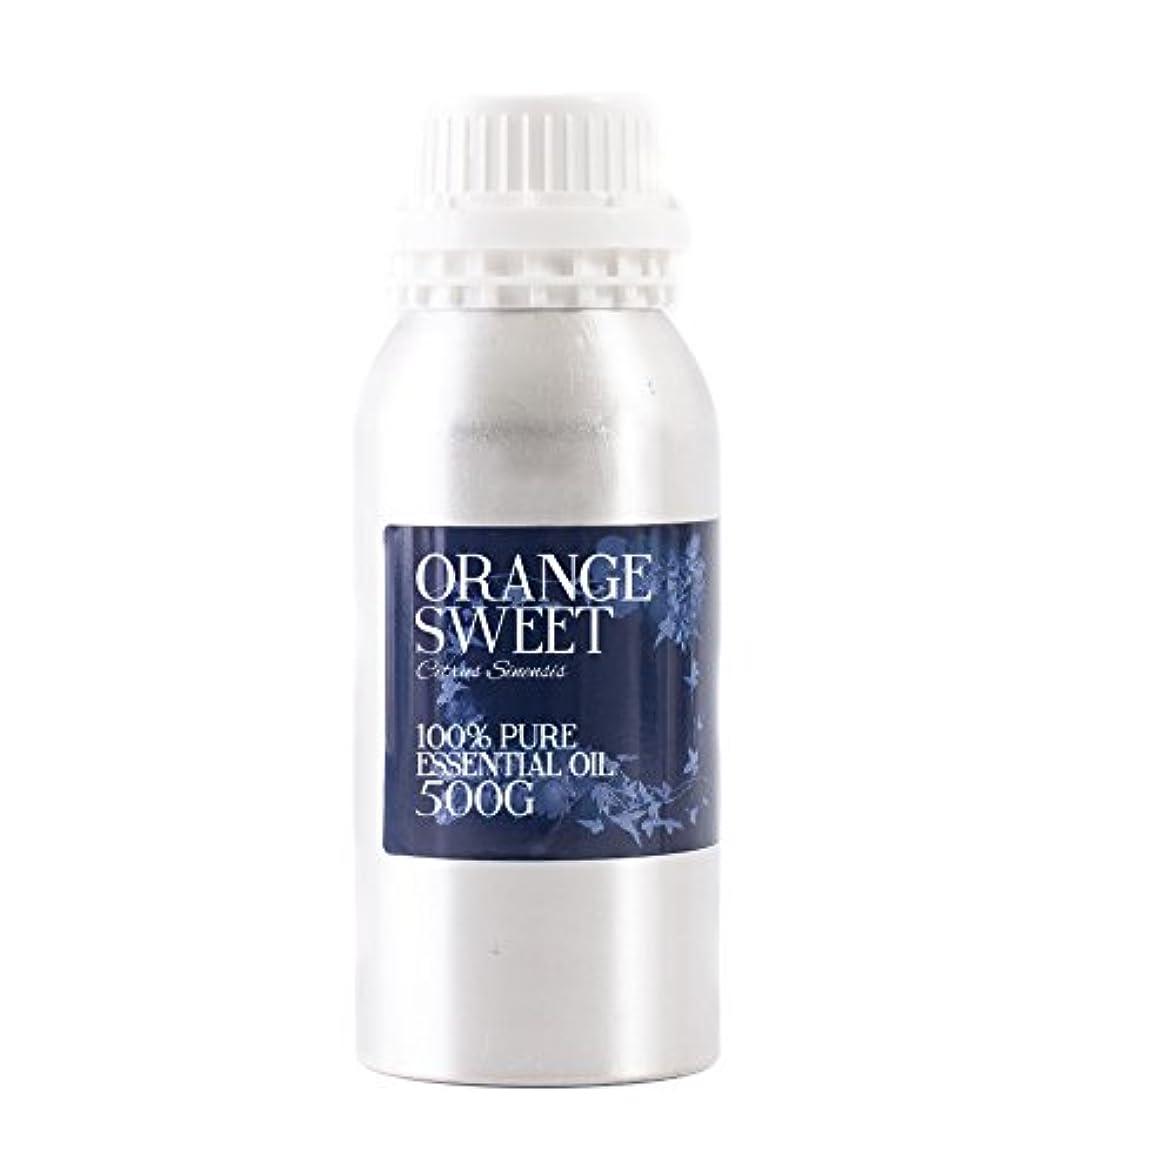 シャイハチボイドMystic Moments   Orange Sweet Essential Oil - 500g - 100% Pure